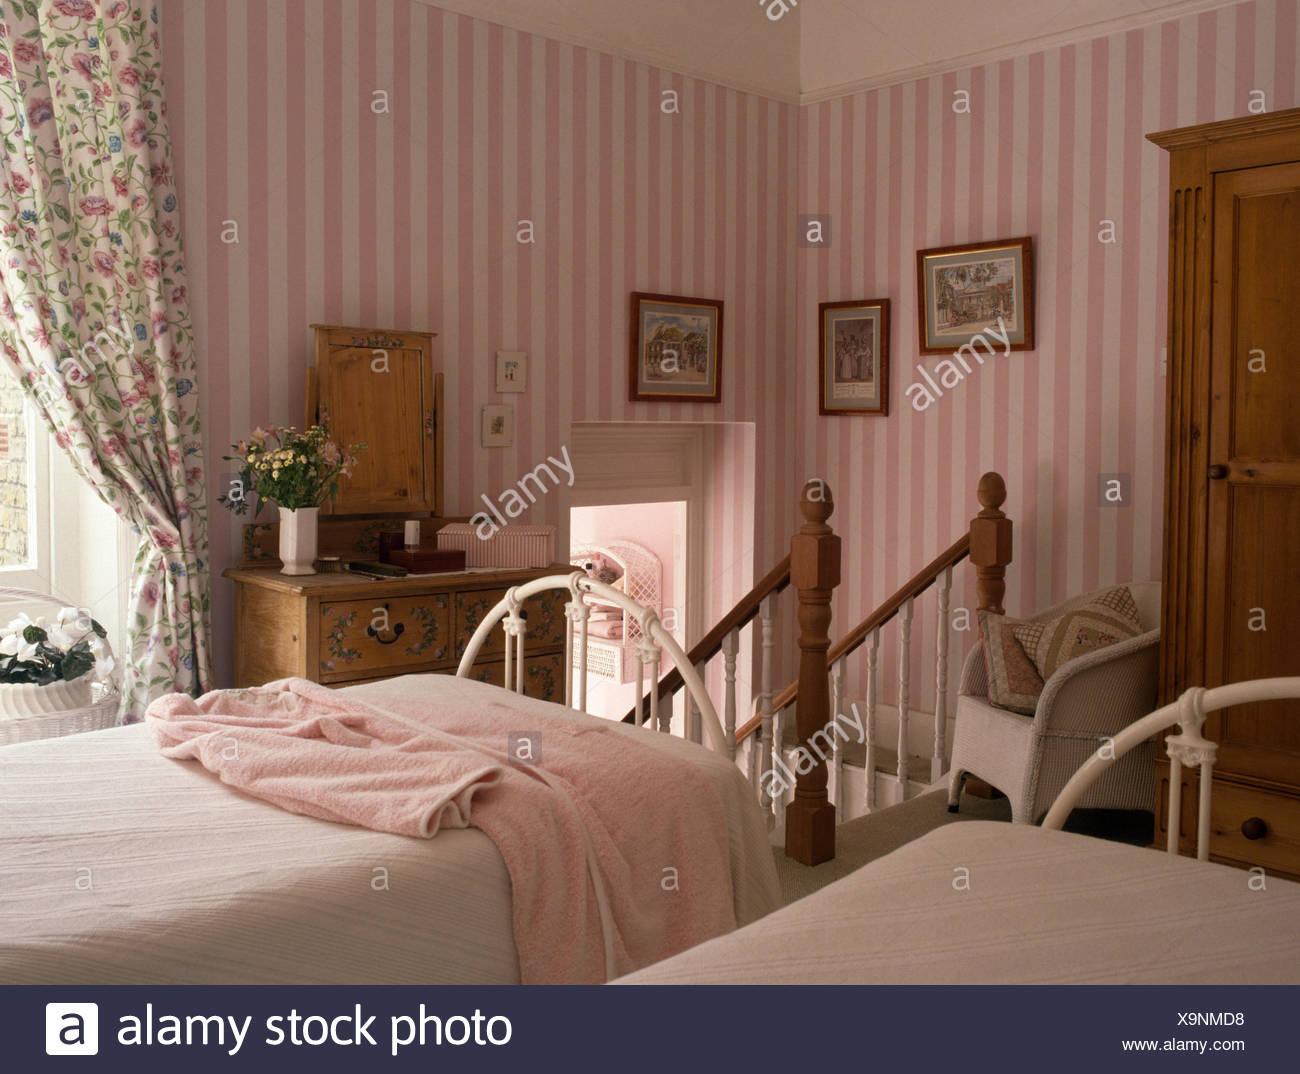 Rosa Gestreifte Tapete Im Land Schlafzimmer Mit Weissen Schmiedeeisen Zwei Einzelbetten Stockfotografie Alamy